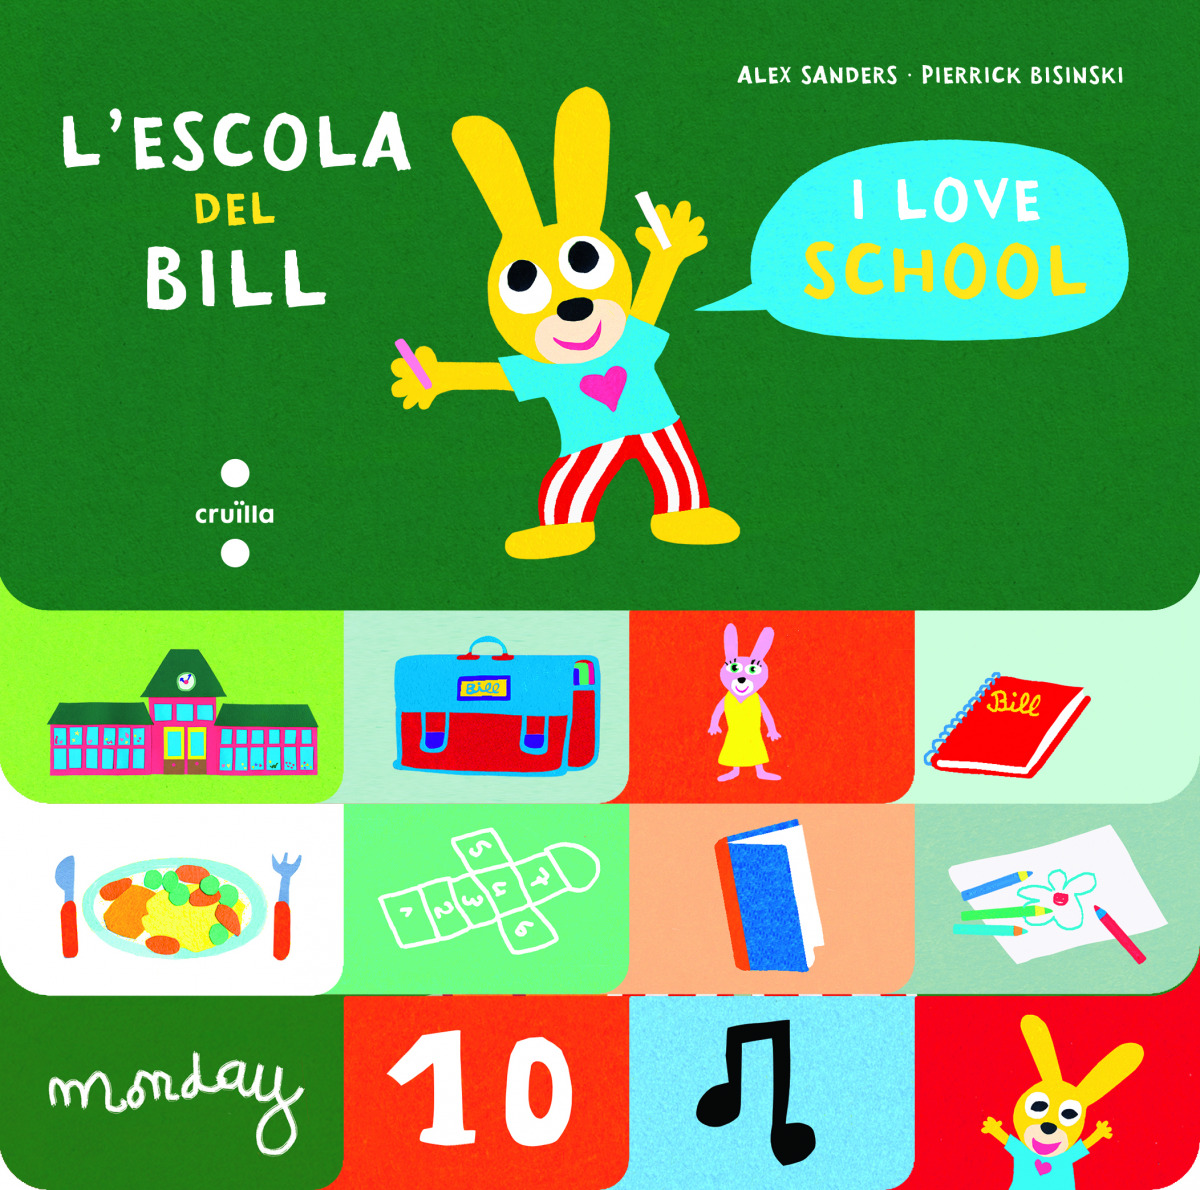 L'escola del Bill